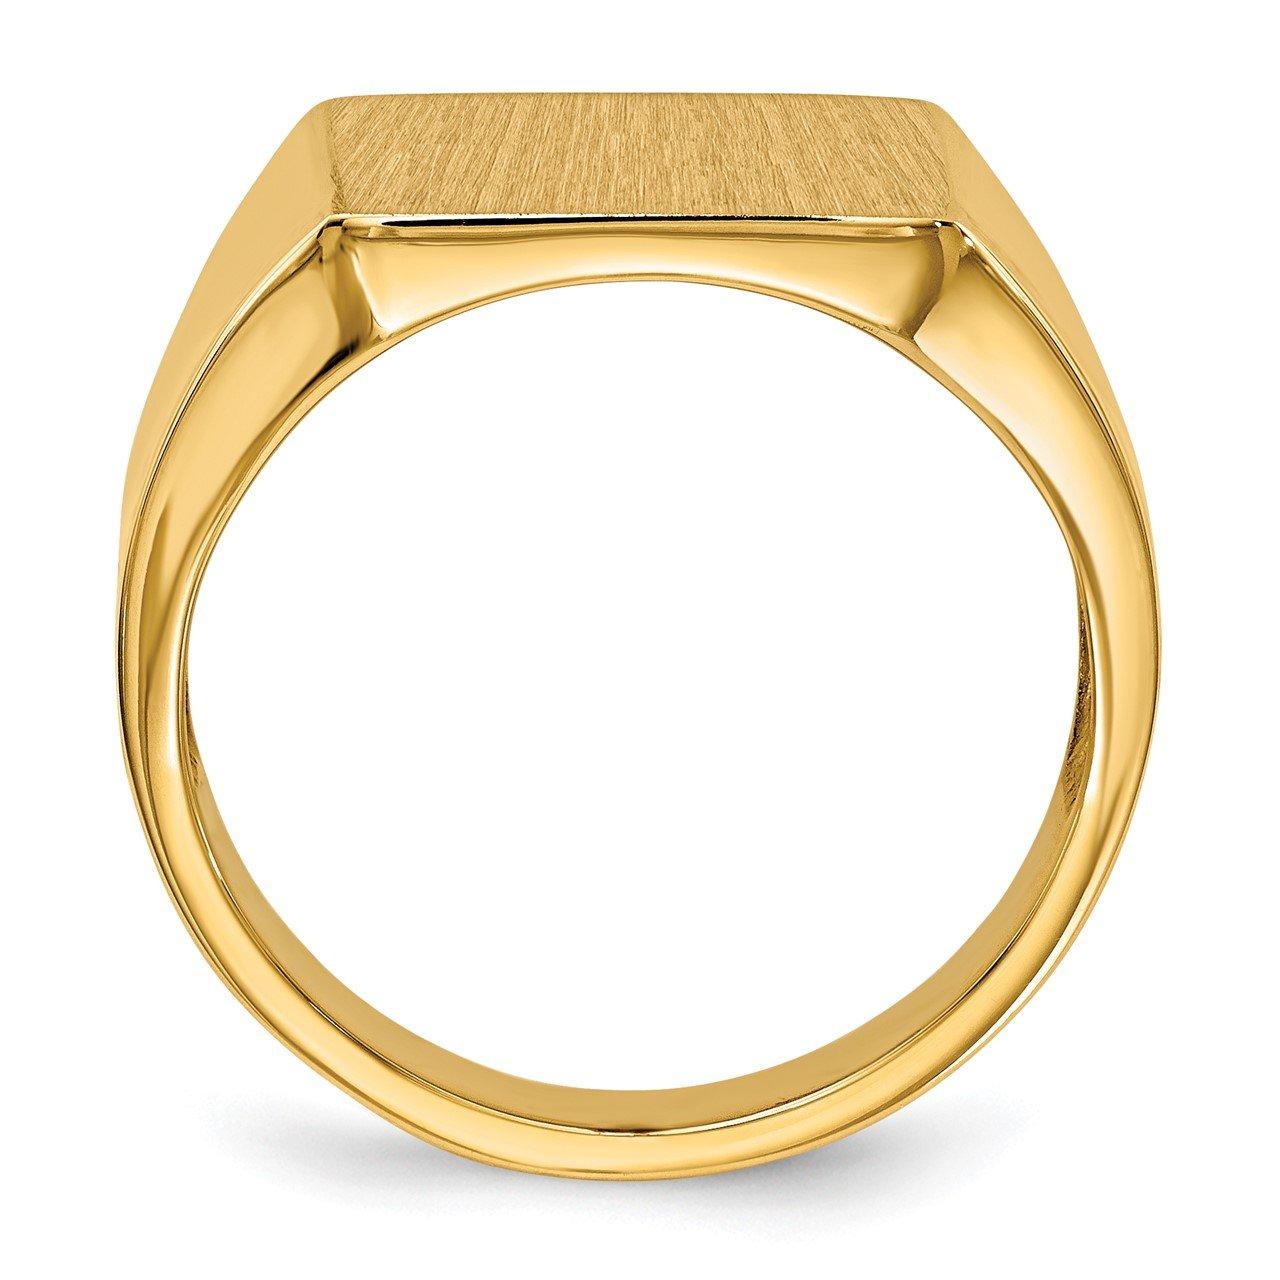 14k 15.0x13.5mm Open Back Mens Signet Ring-1